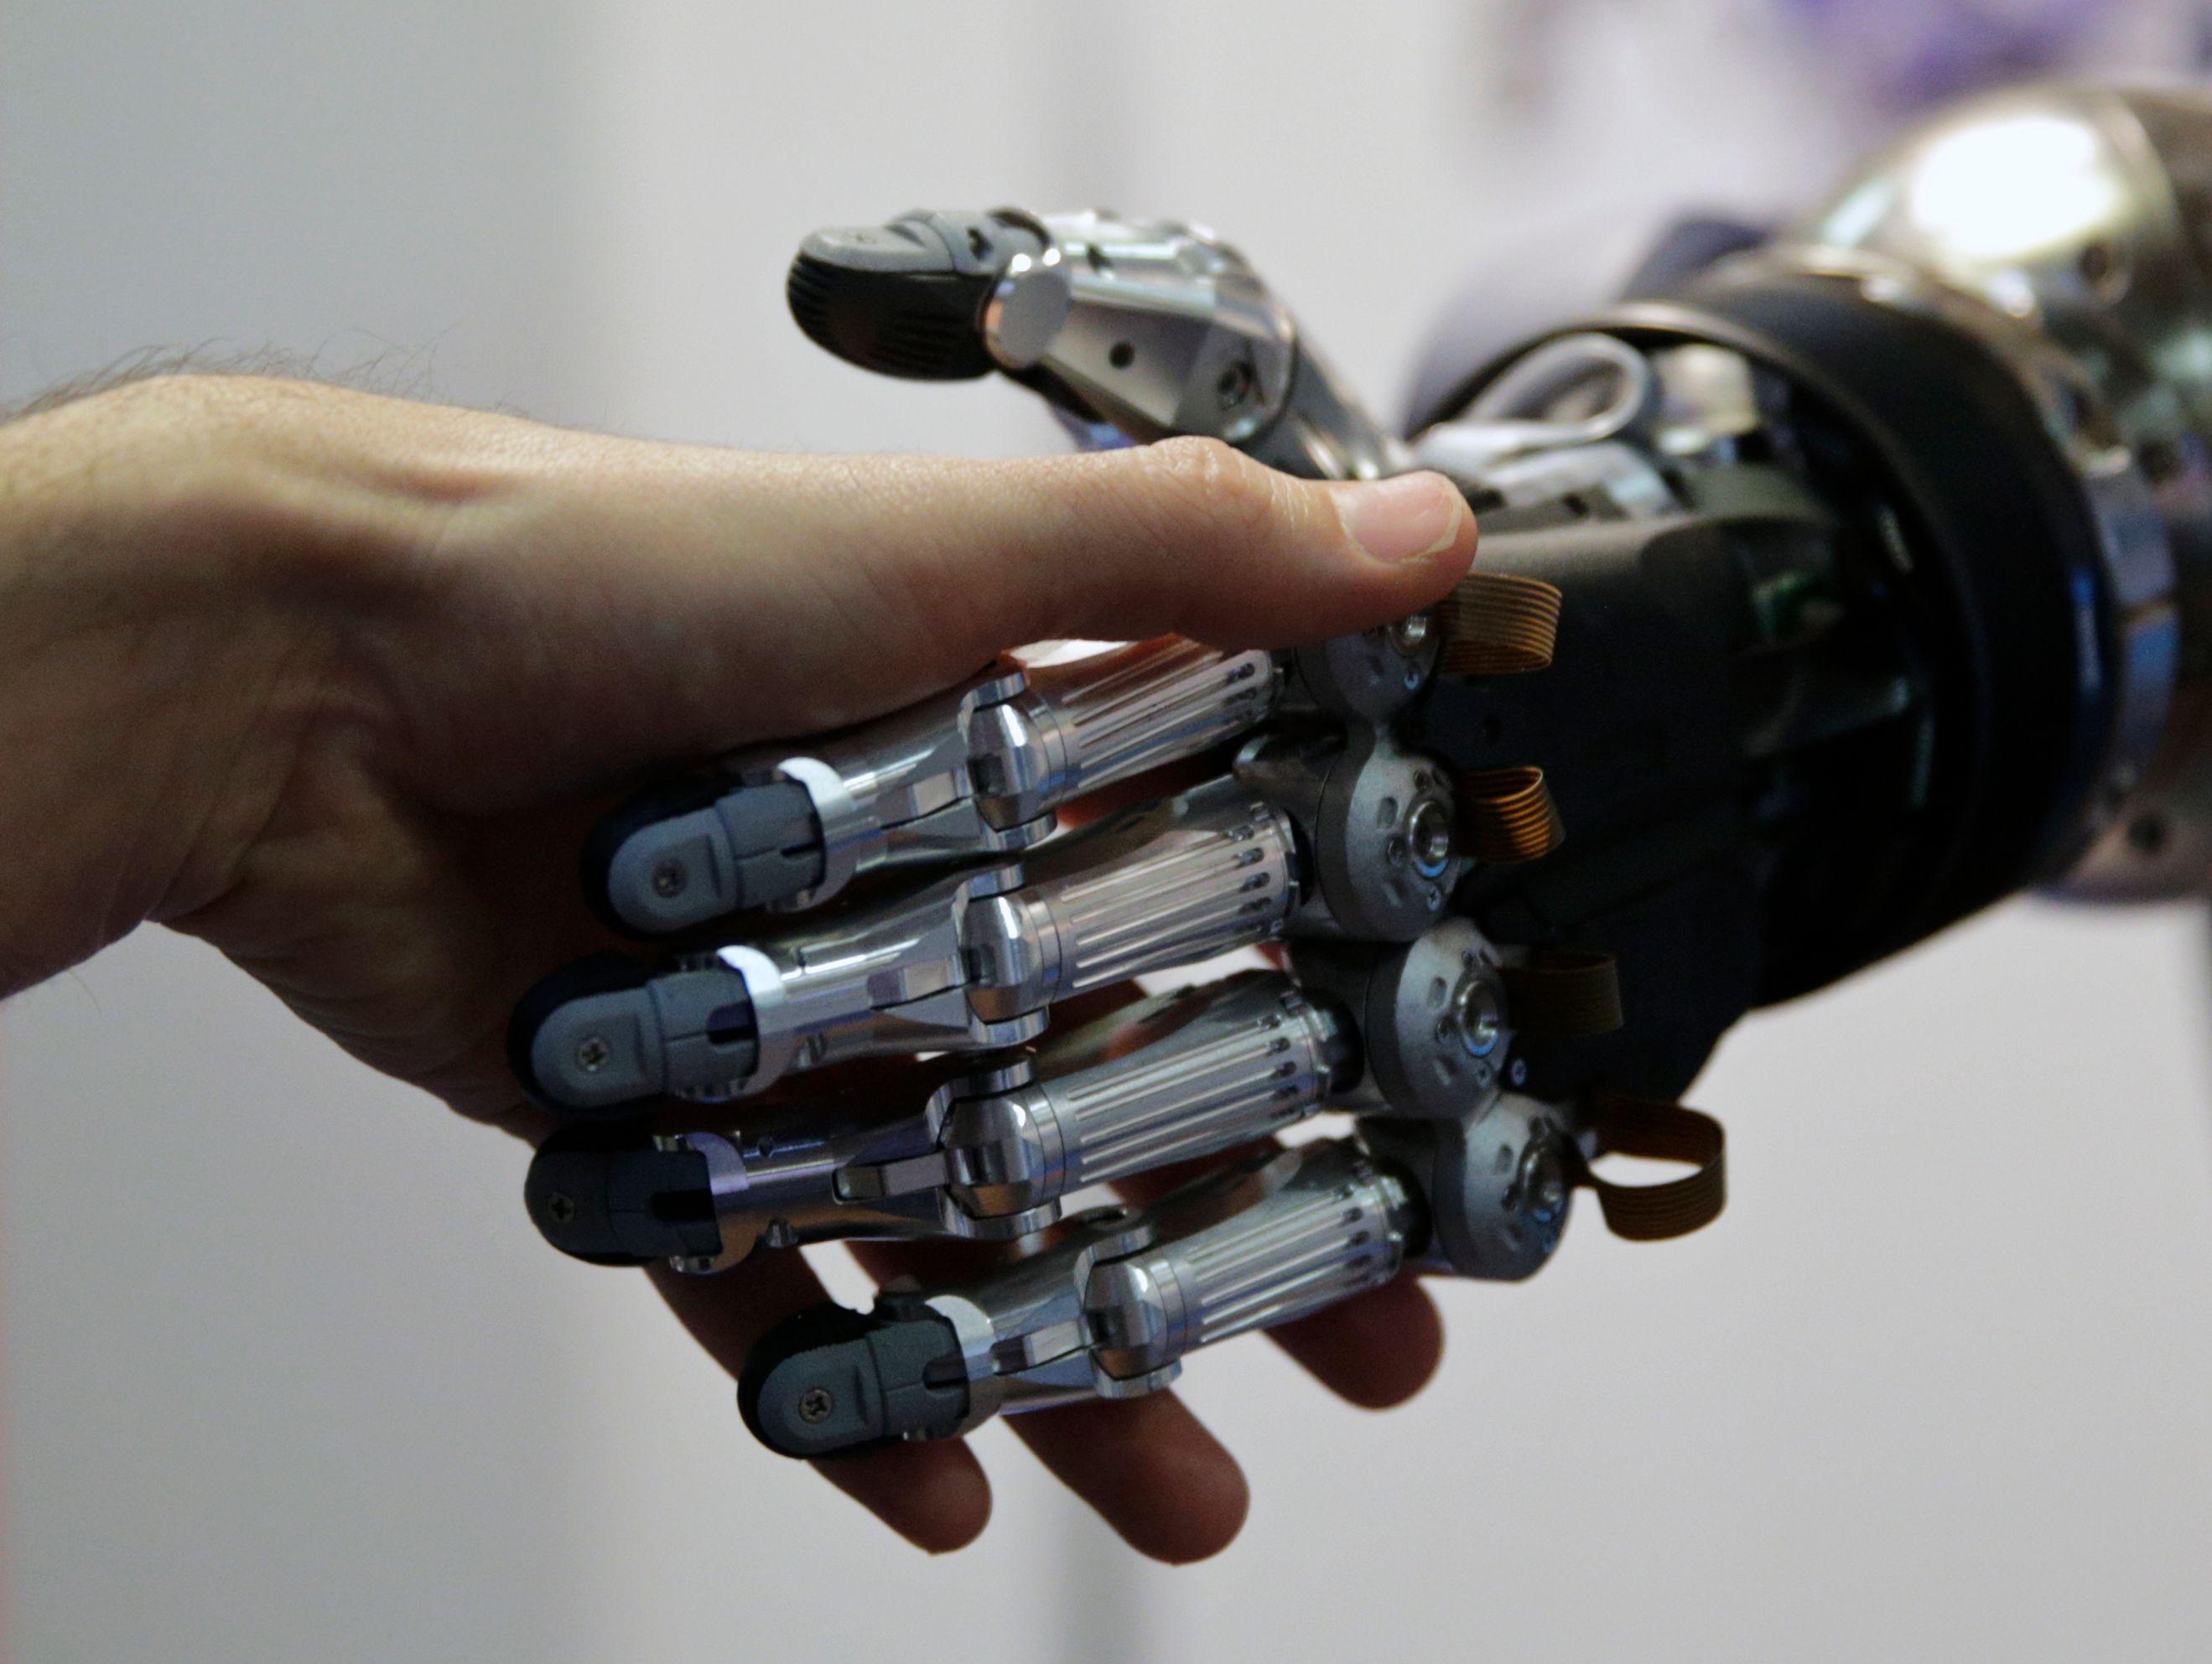 Des scientifiques demandent l'interdiction des robots tueurs : l'armement doté de l'intelligence artificielle serait-il réellement intelligent ?